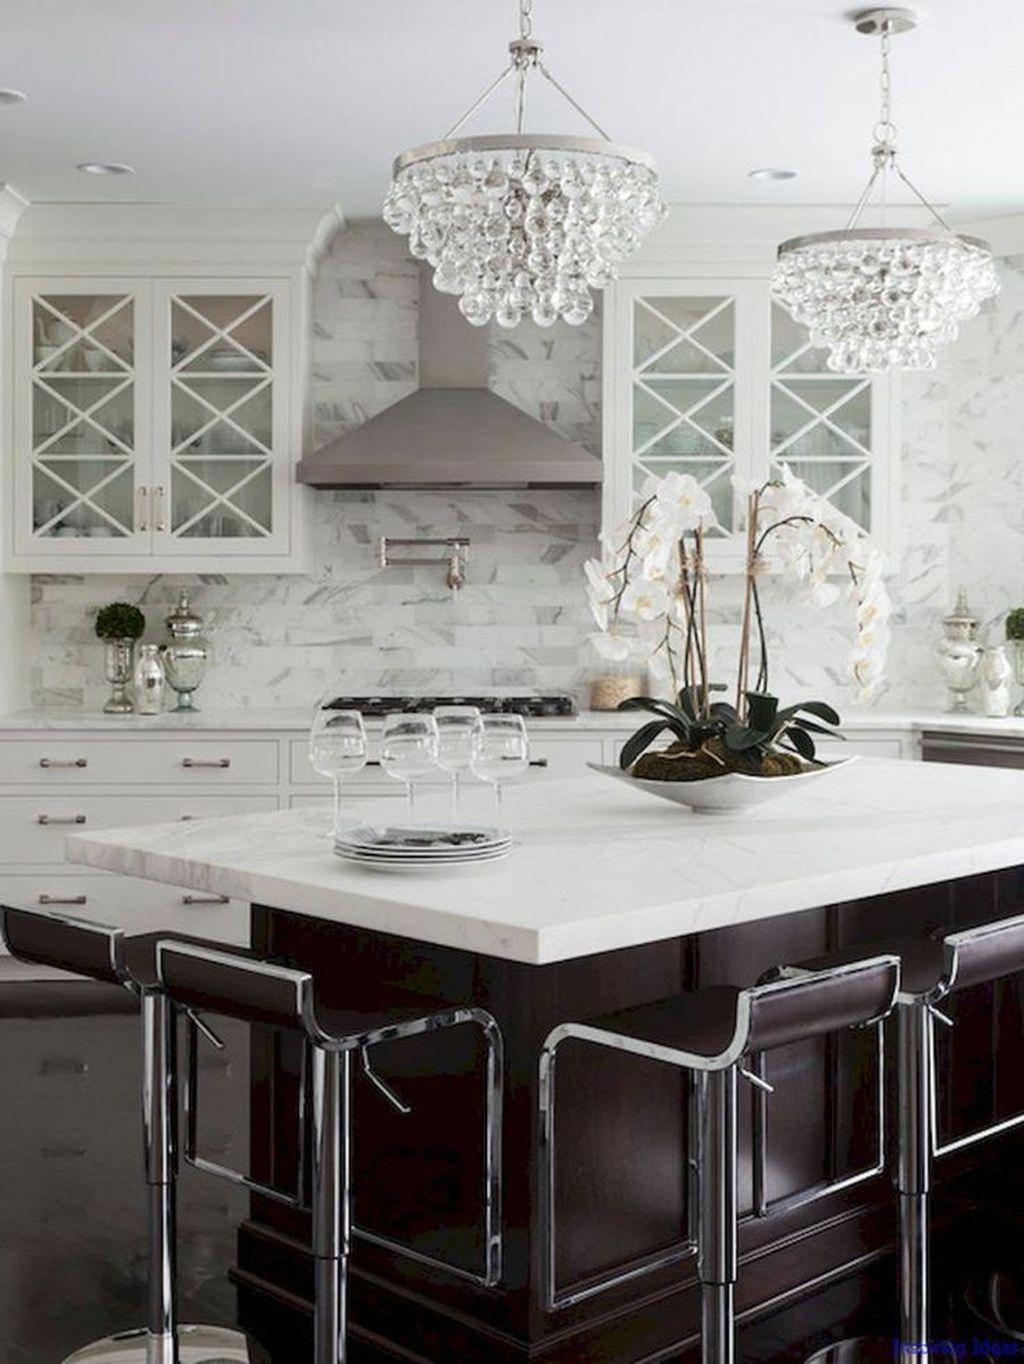 Phụ kiện trang trí cần thiết để tạo nên một phòng bếp quyến rũ - Ảnh 2.